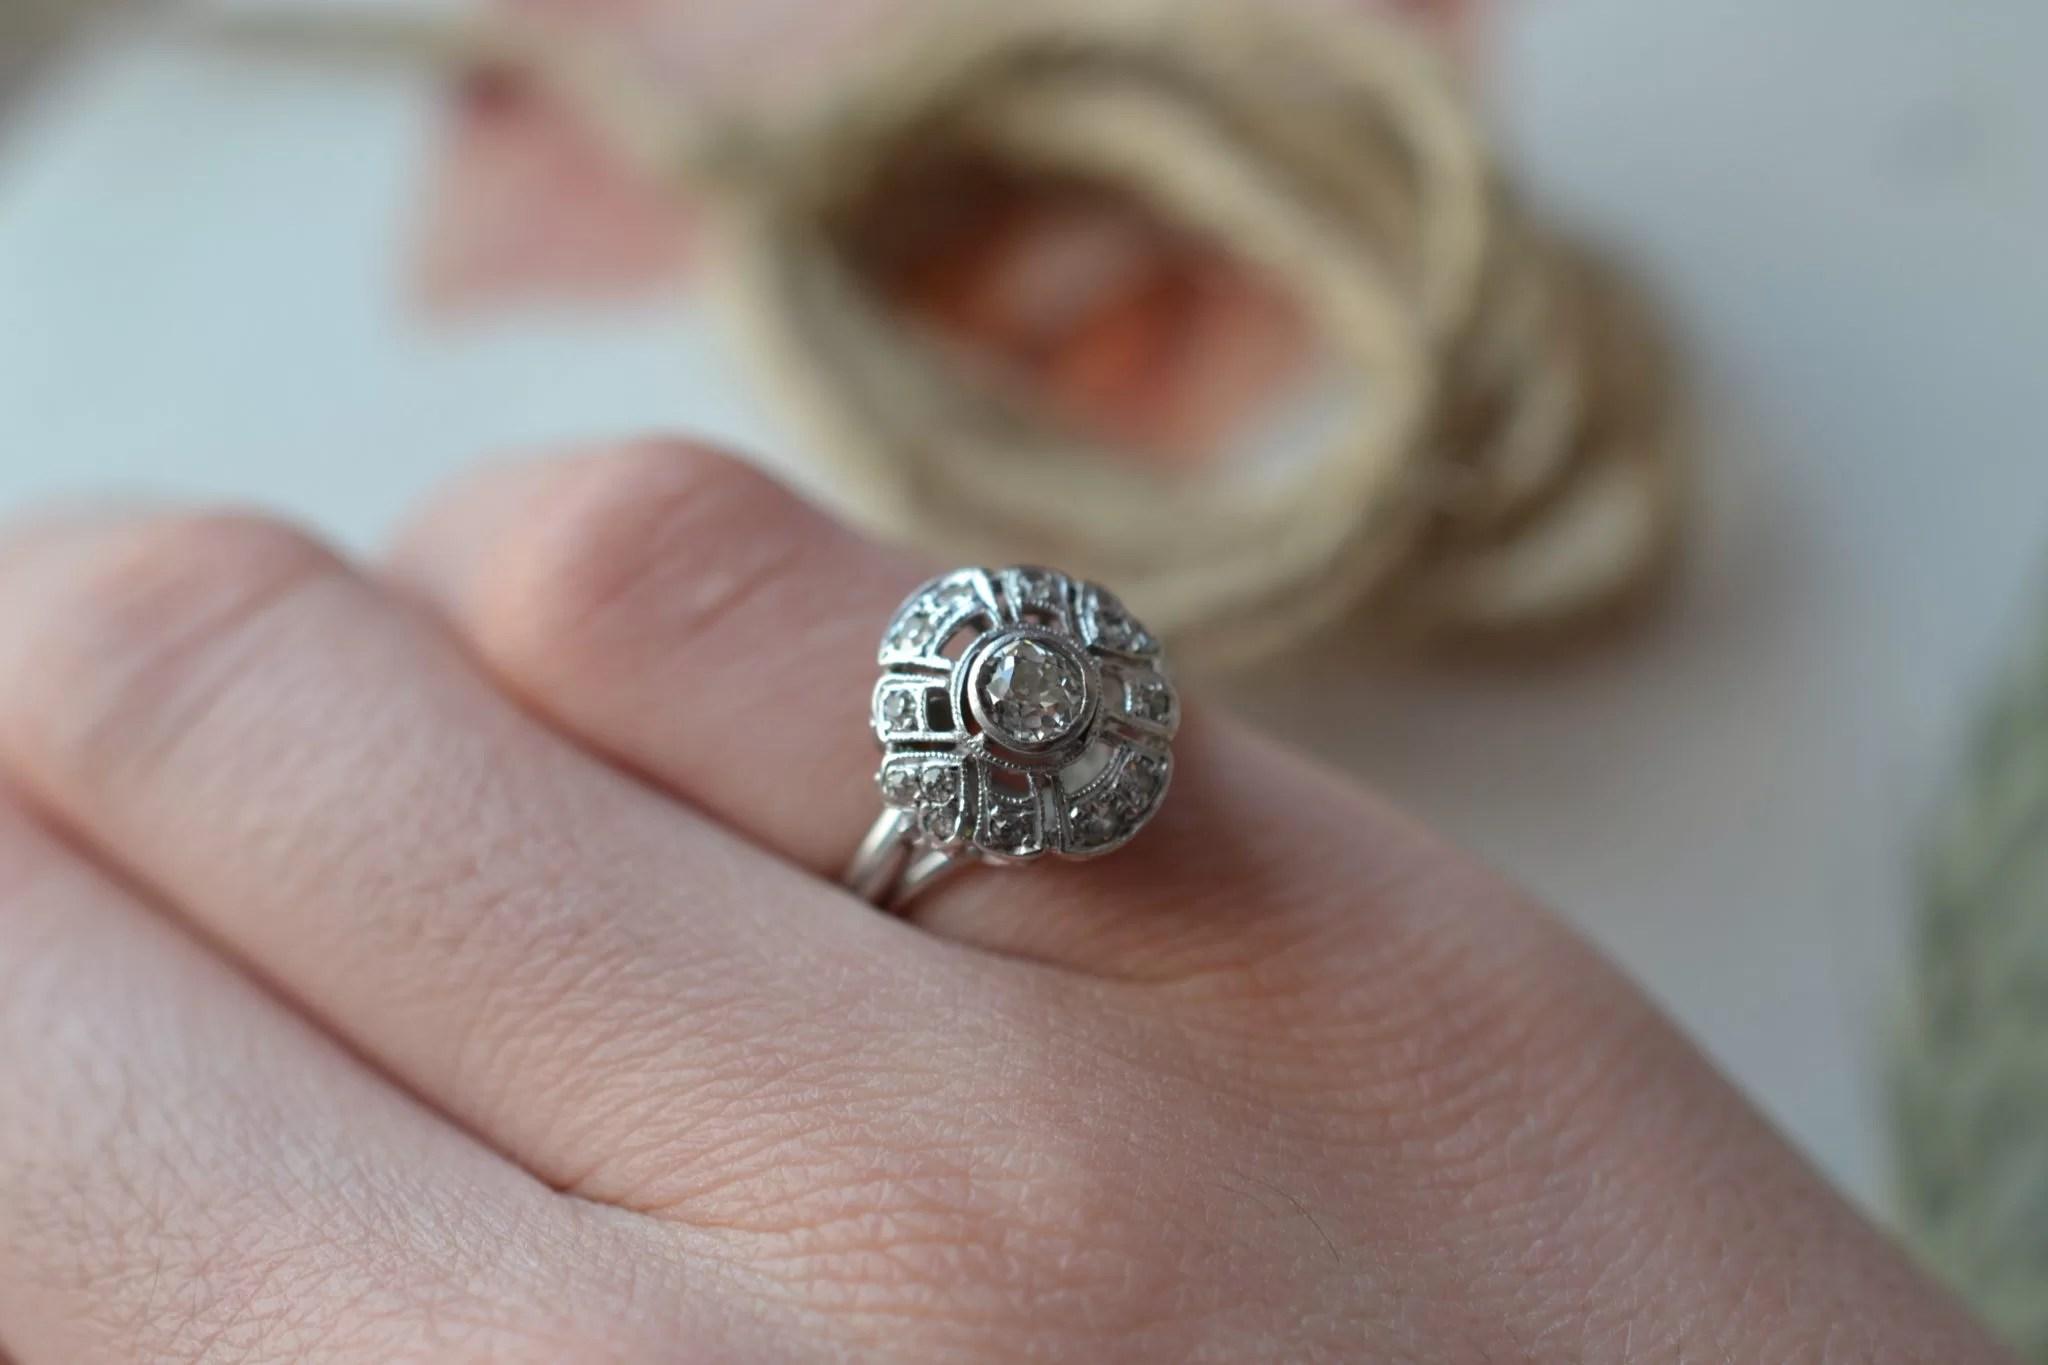 Bague solitaire en Or blanc sertie d_un diamant dans un entourage de brillants - bague éthique